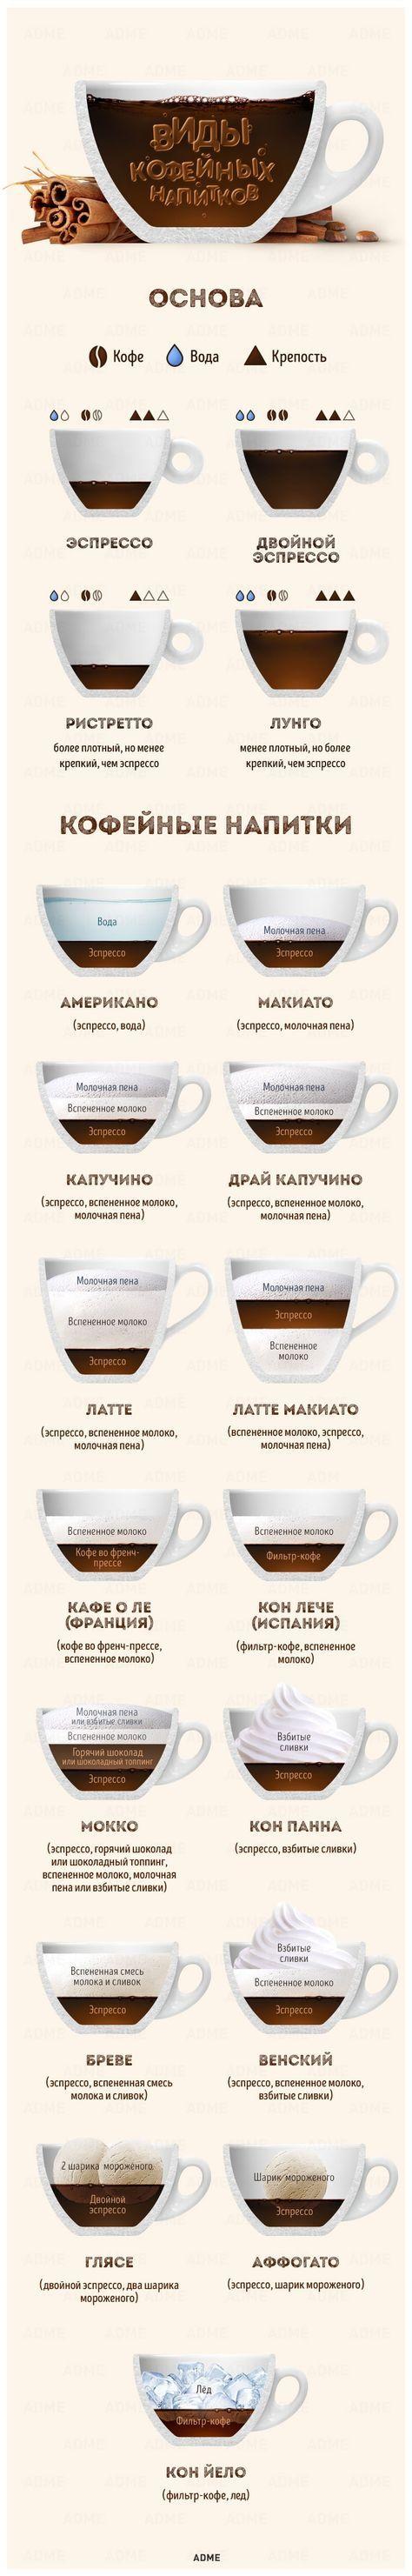 Теперь мы не просто обожаем кофе, но и все-все о нем знаем.